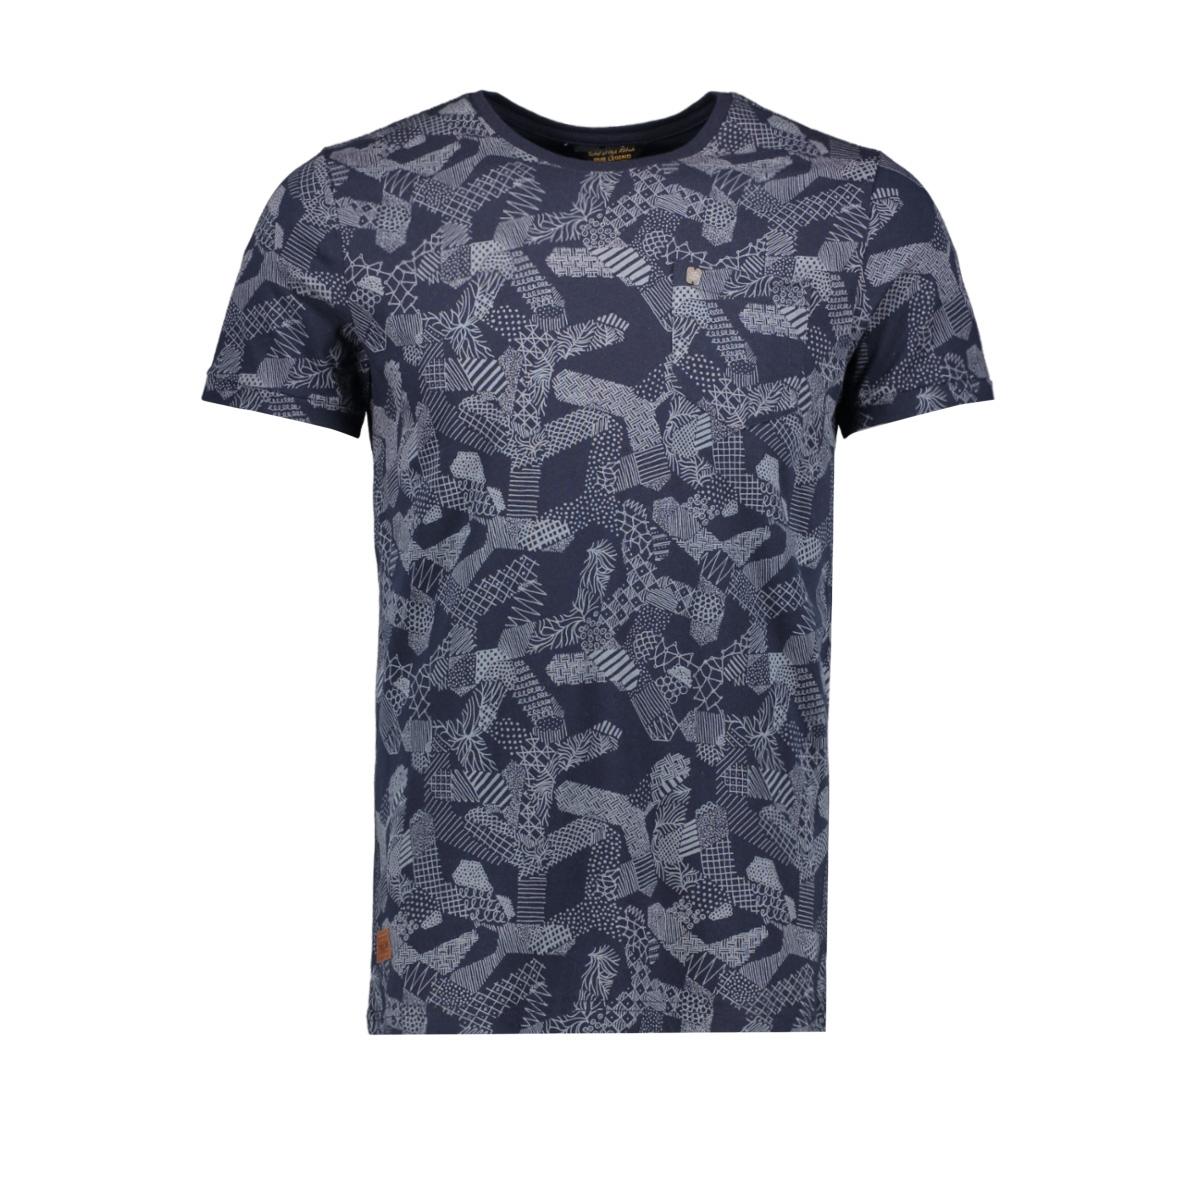 single jersey t shirt ptss192535 pme legend t-shirt 5281